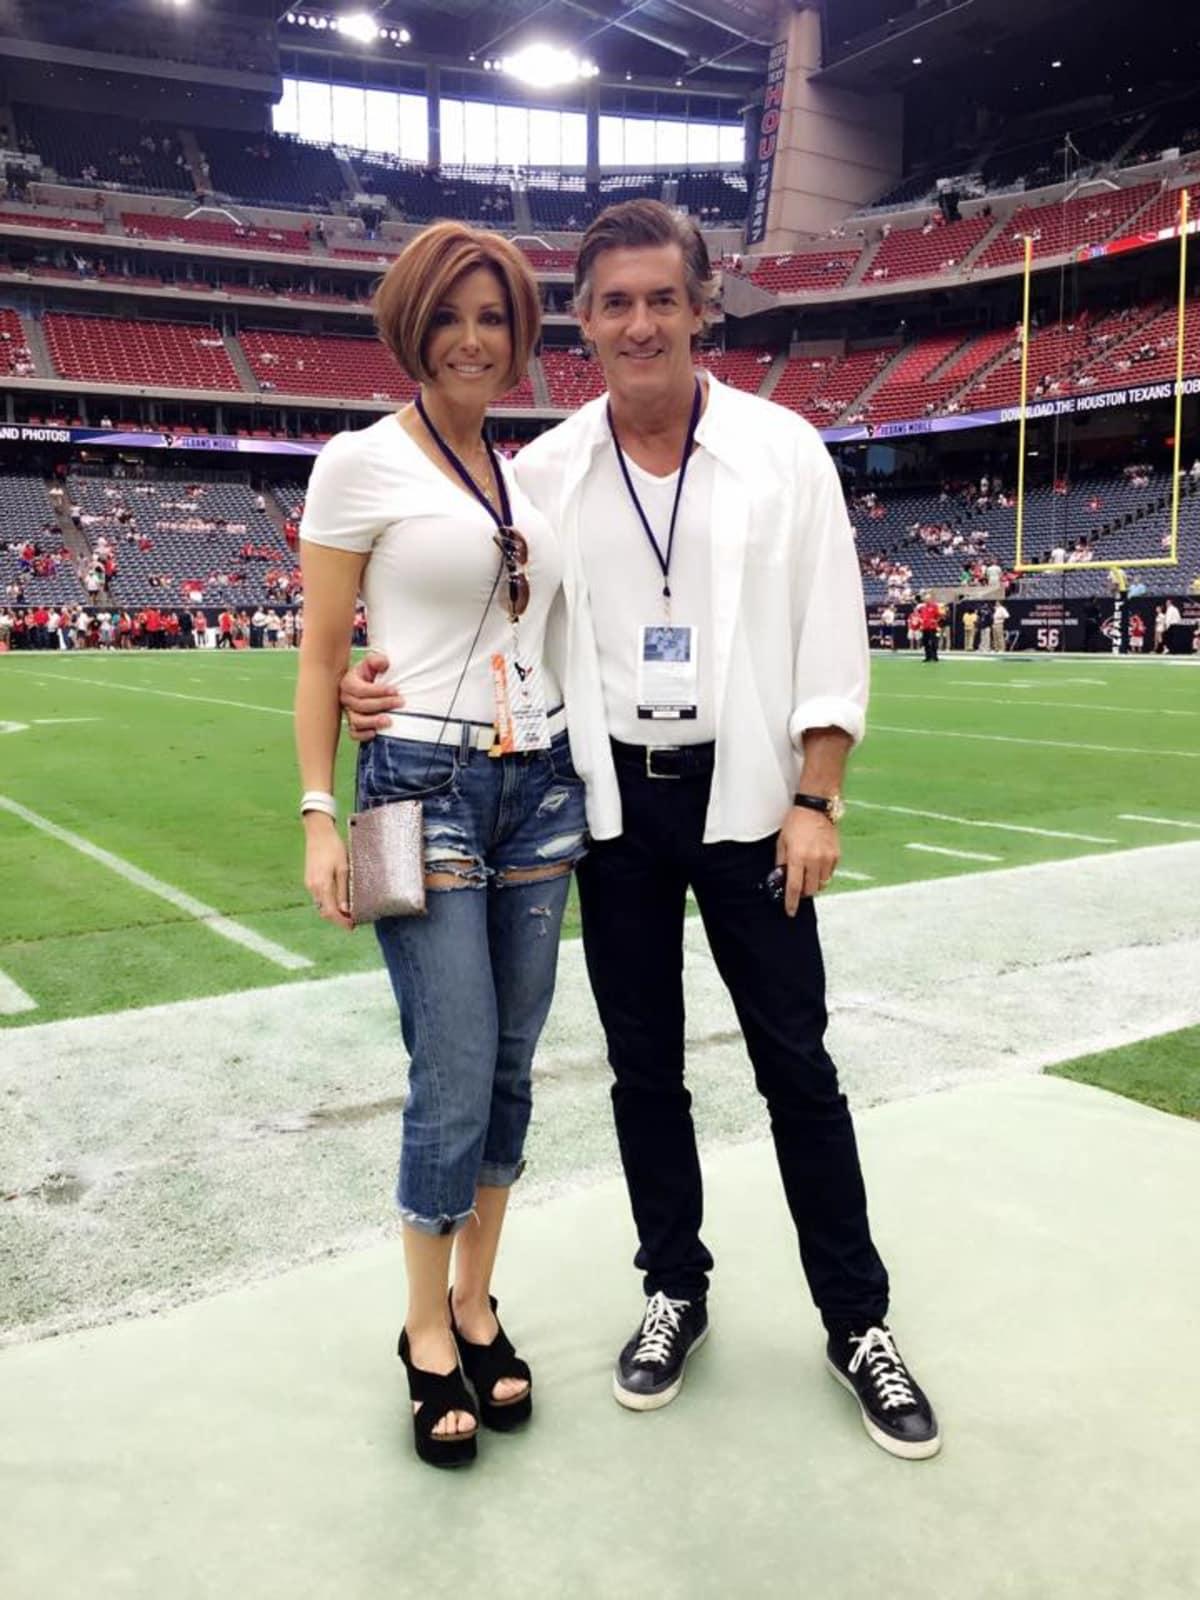 News, Shelby, NRG Stadium, Dominique Sachse, Nick Florescu, Sept. 2015